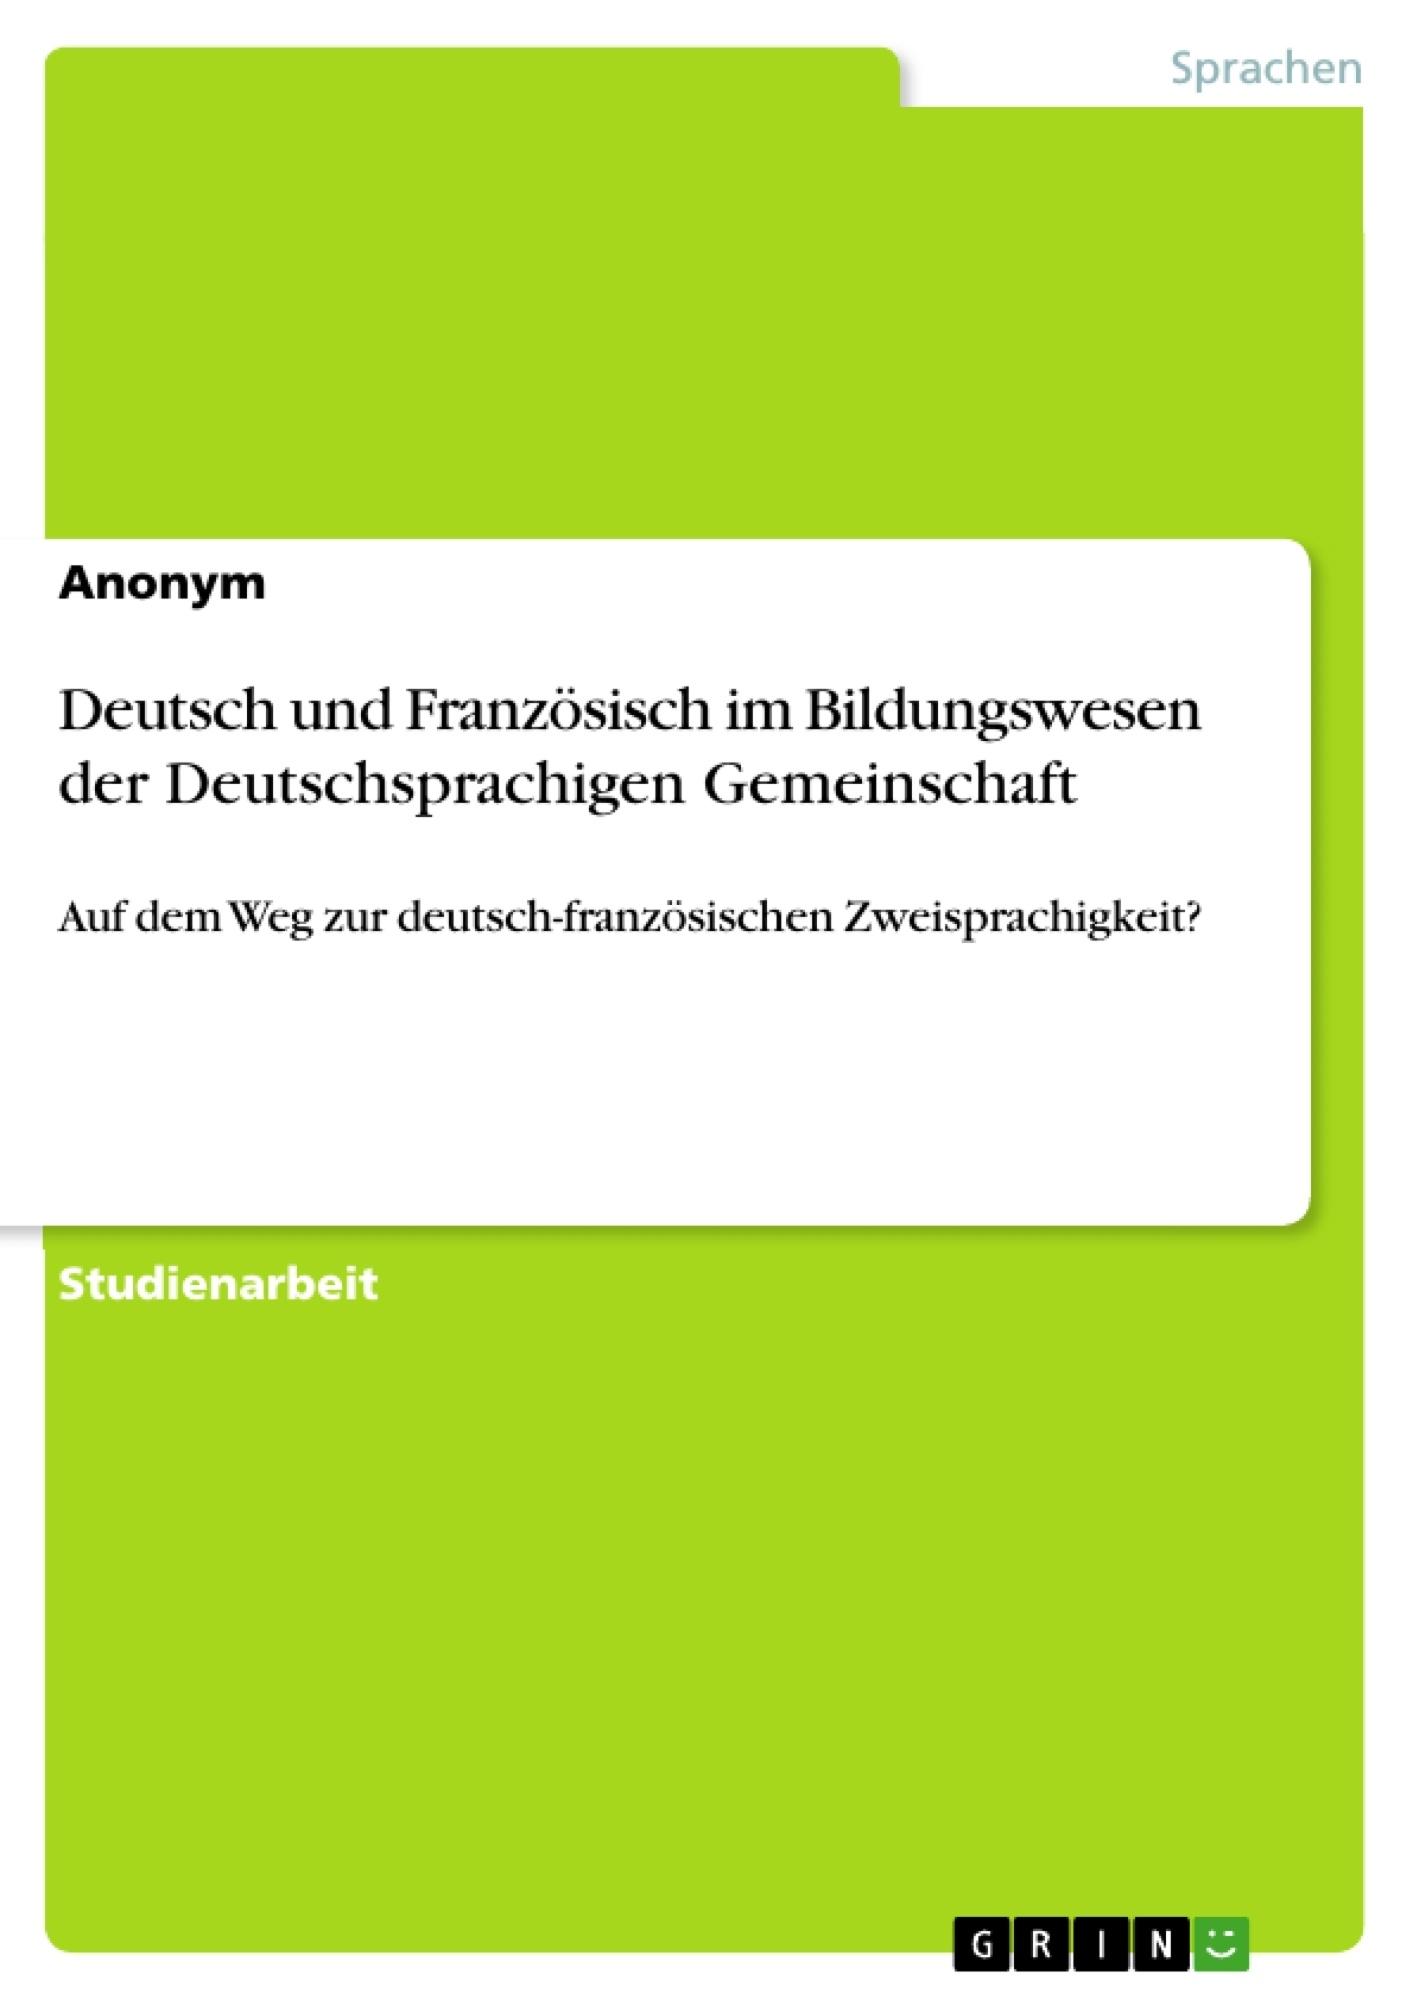 Titel: Deutsch und Französisch im Bildungswesen der Deutschsprachigen Gemeinschaft